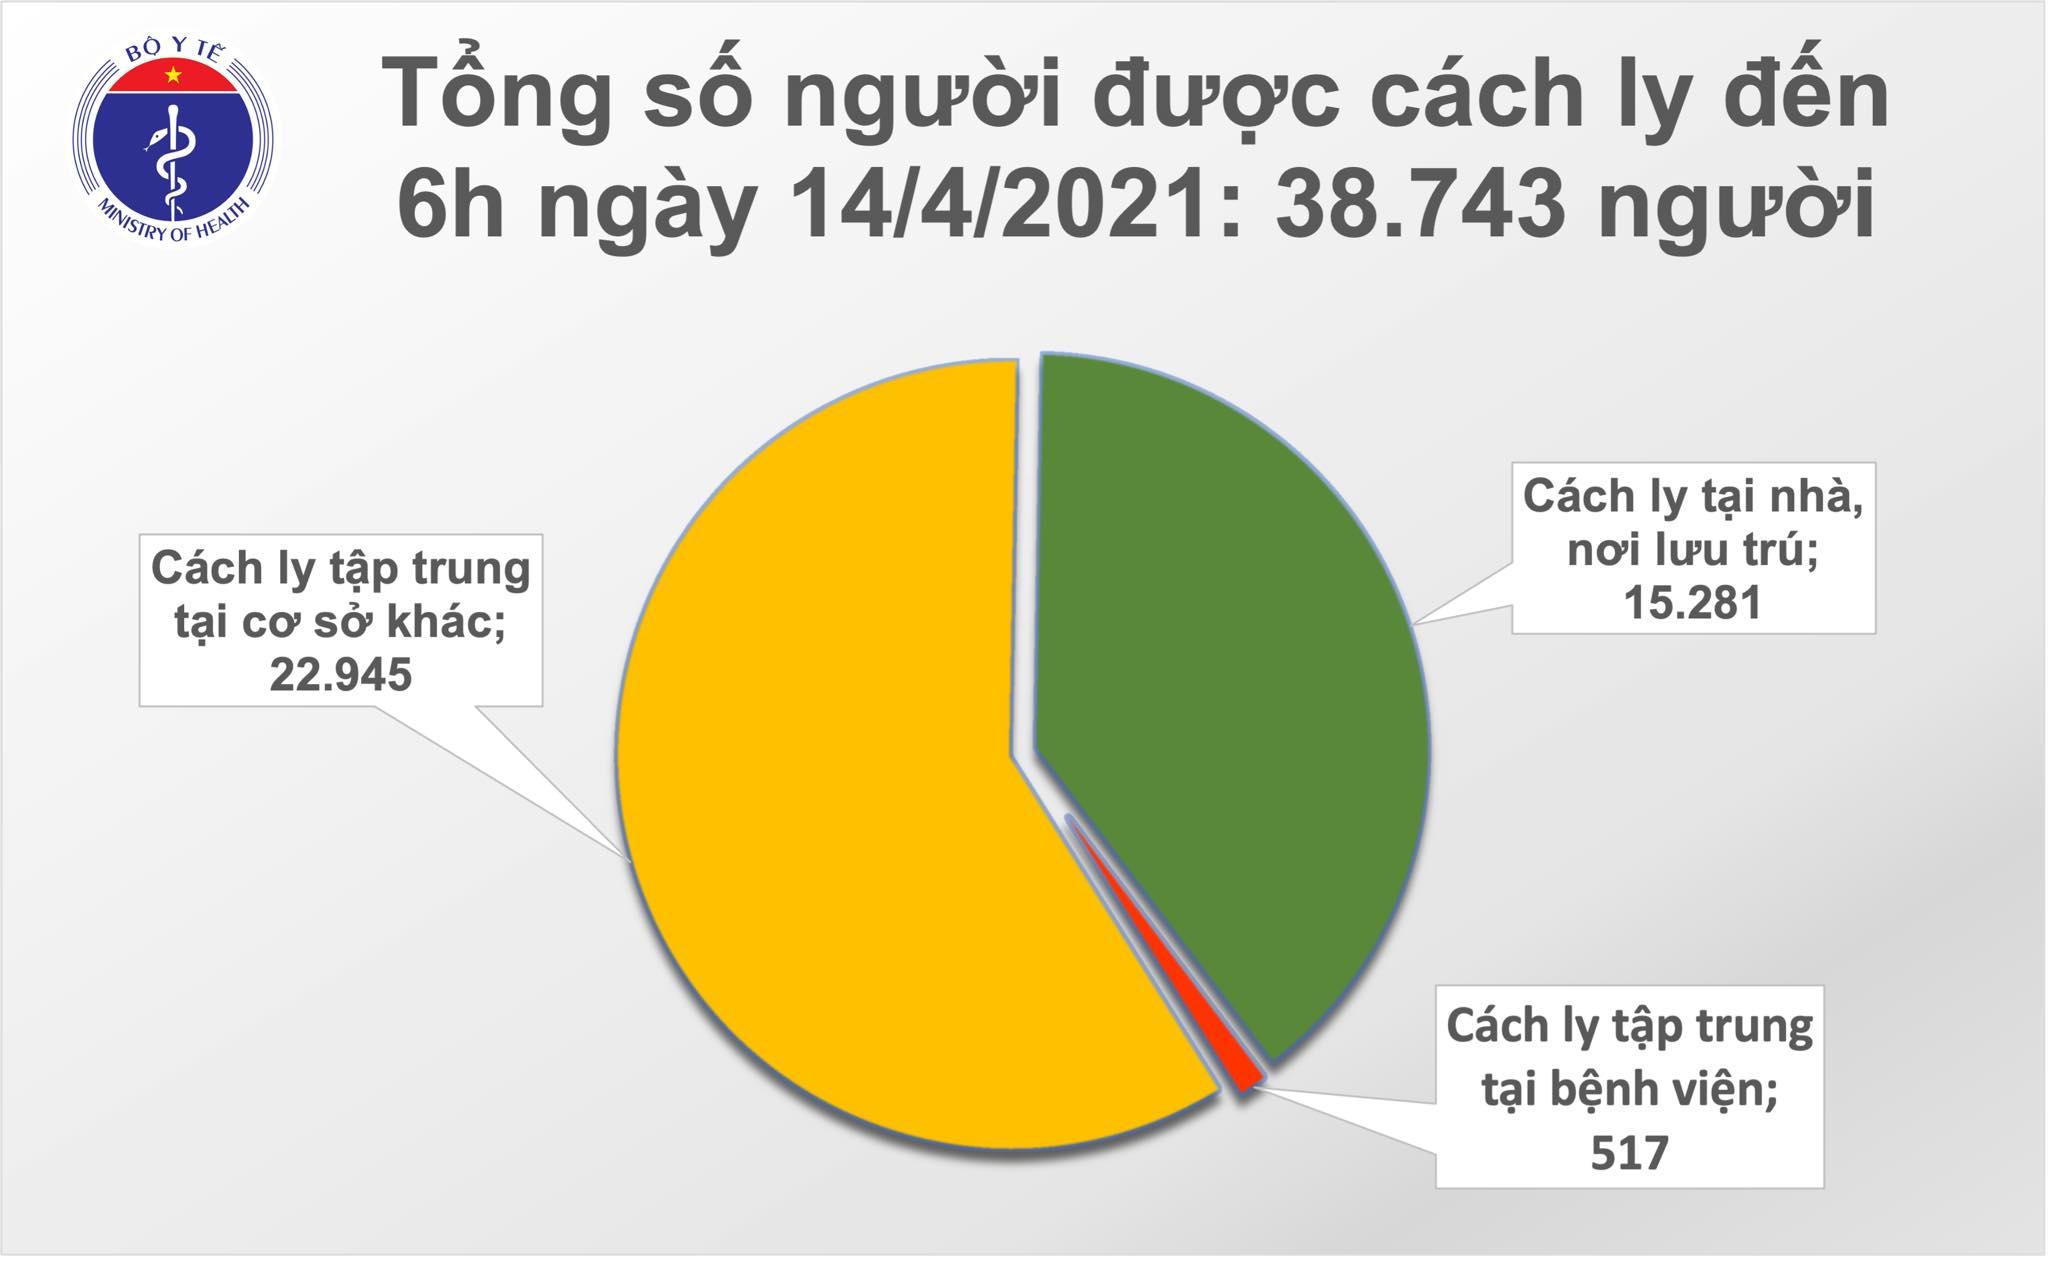 Sáng 14/4: Thêm 3 ca mắc COVID-19 tại Khánh Hoà, hơn 60.000 người Việt Nam đã tiêm vắc xin 1